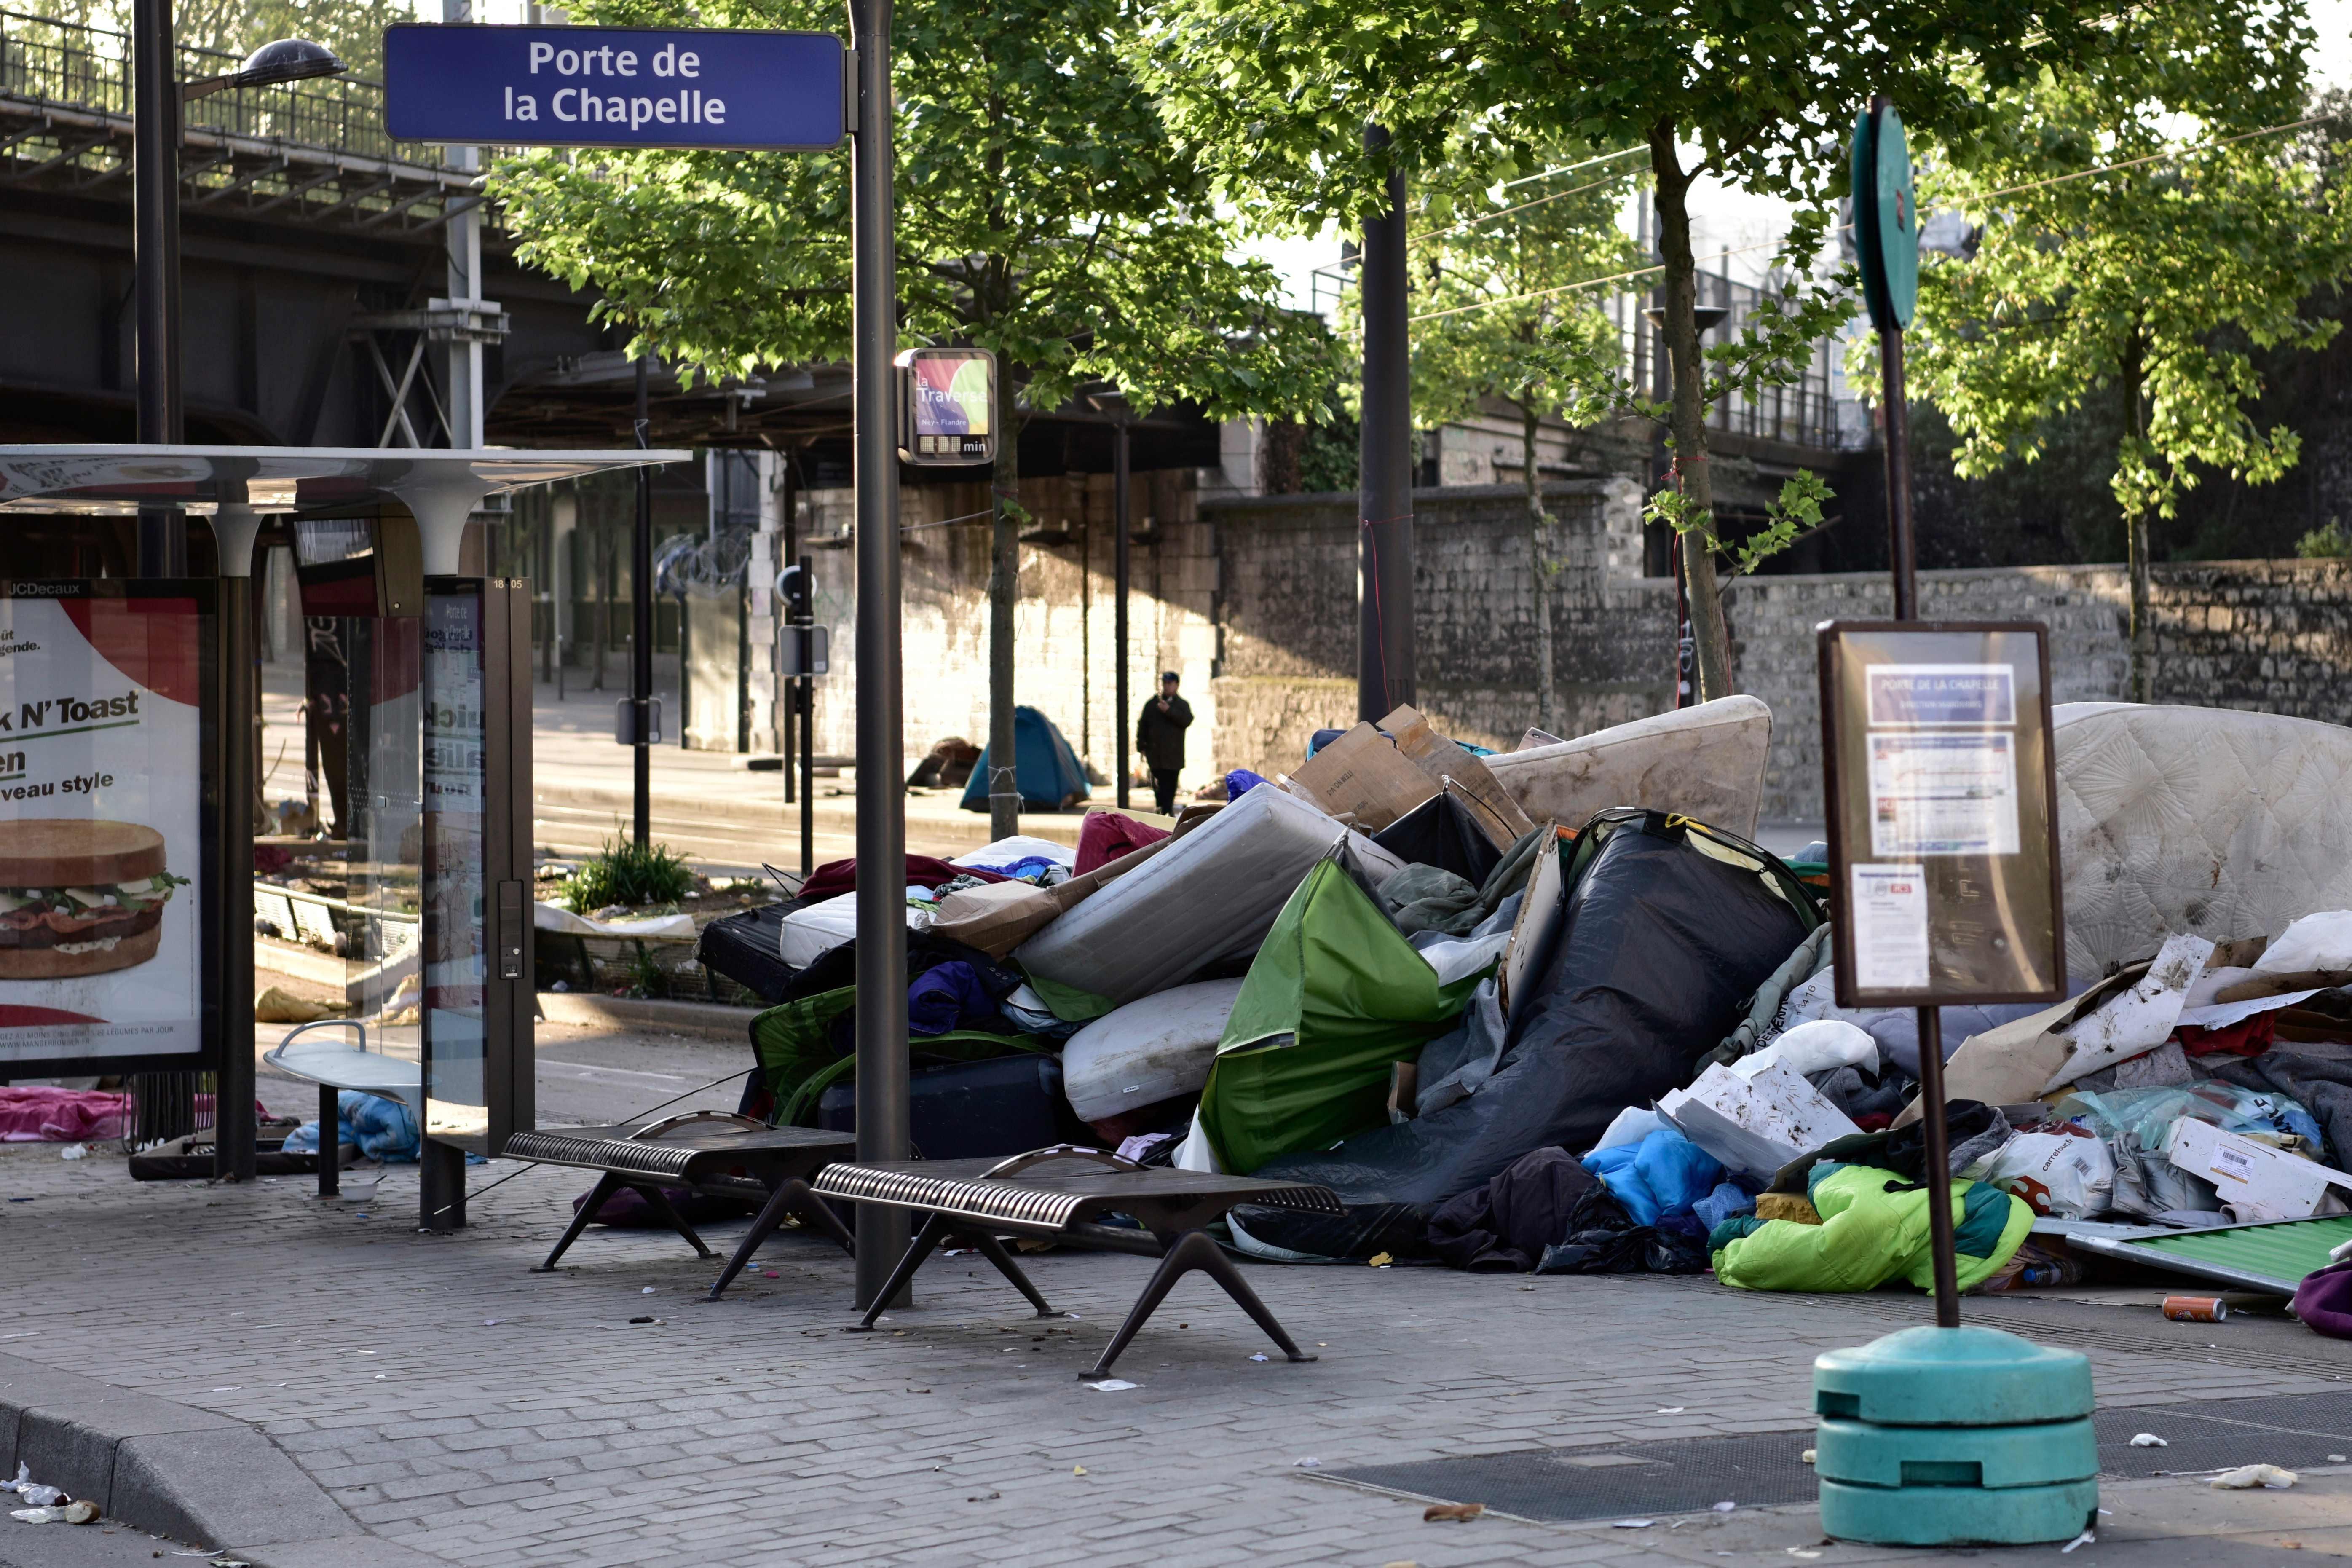 مخلفات مخيم للاجئين فى باريس عقب اخلائه